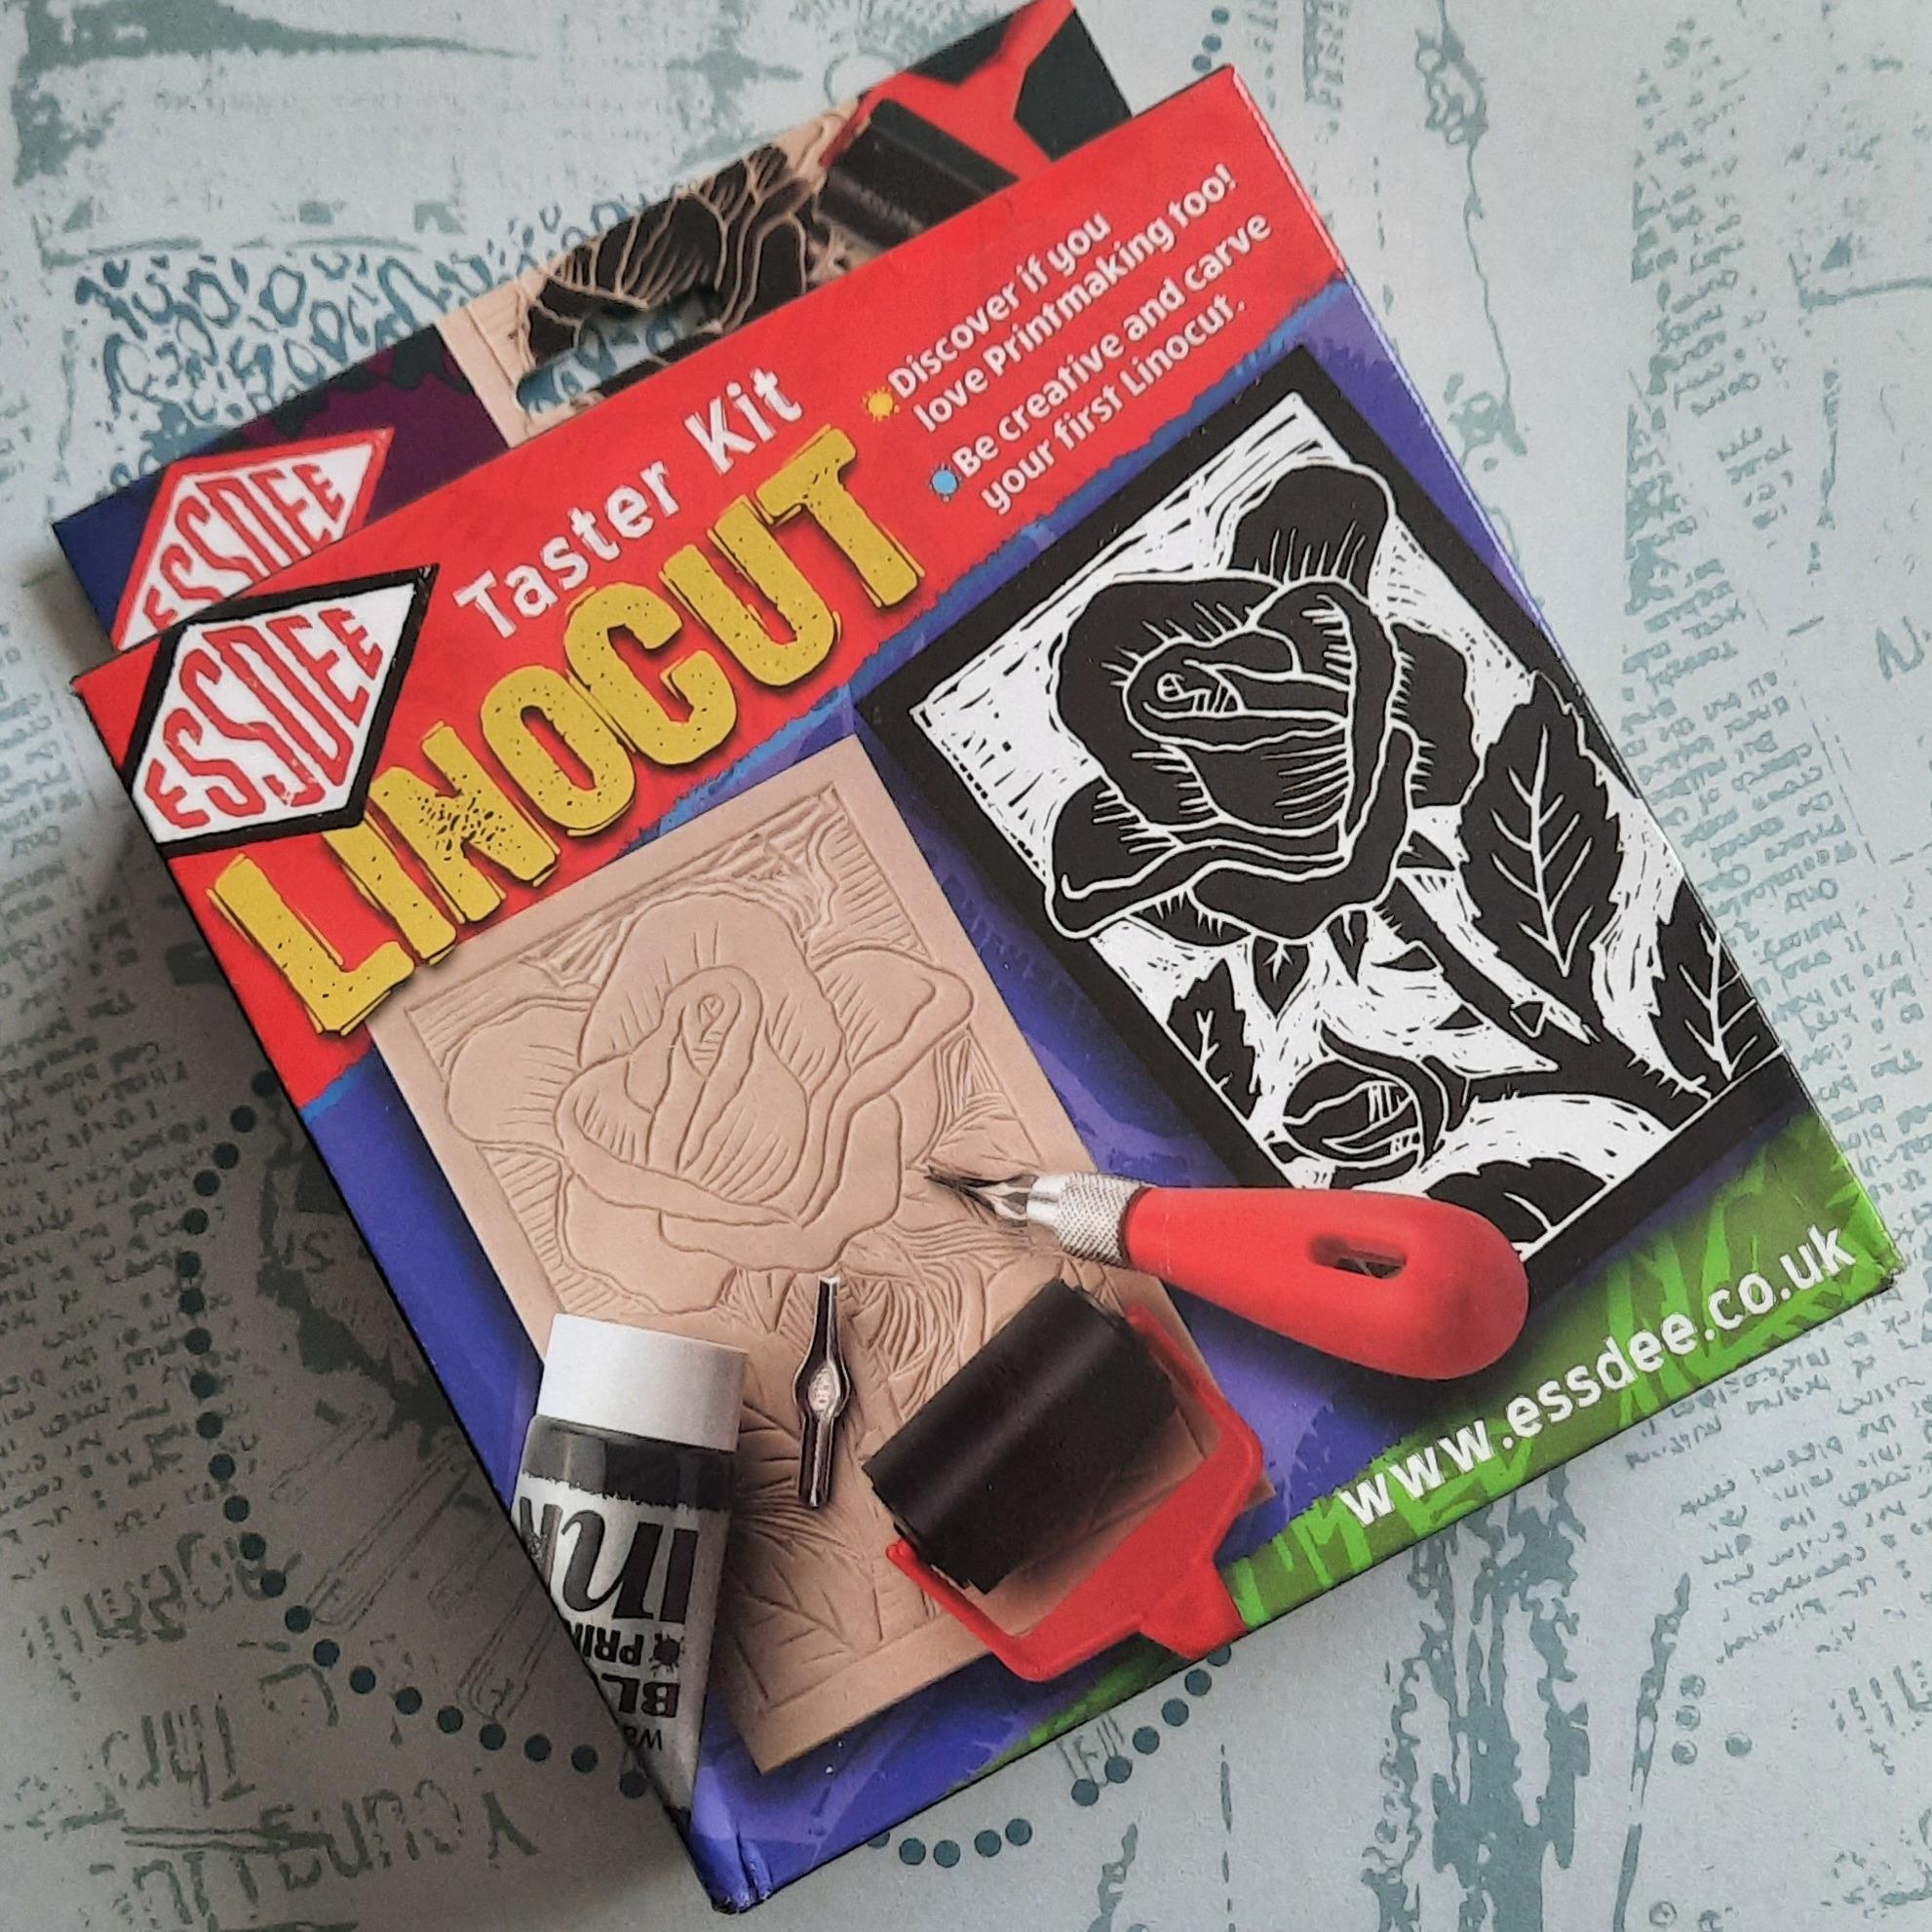 Linocut Taster KIt